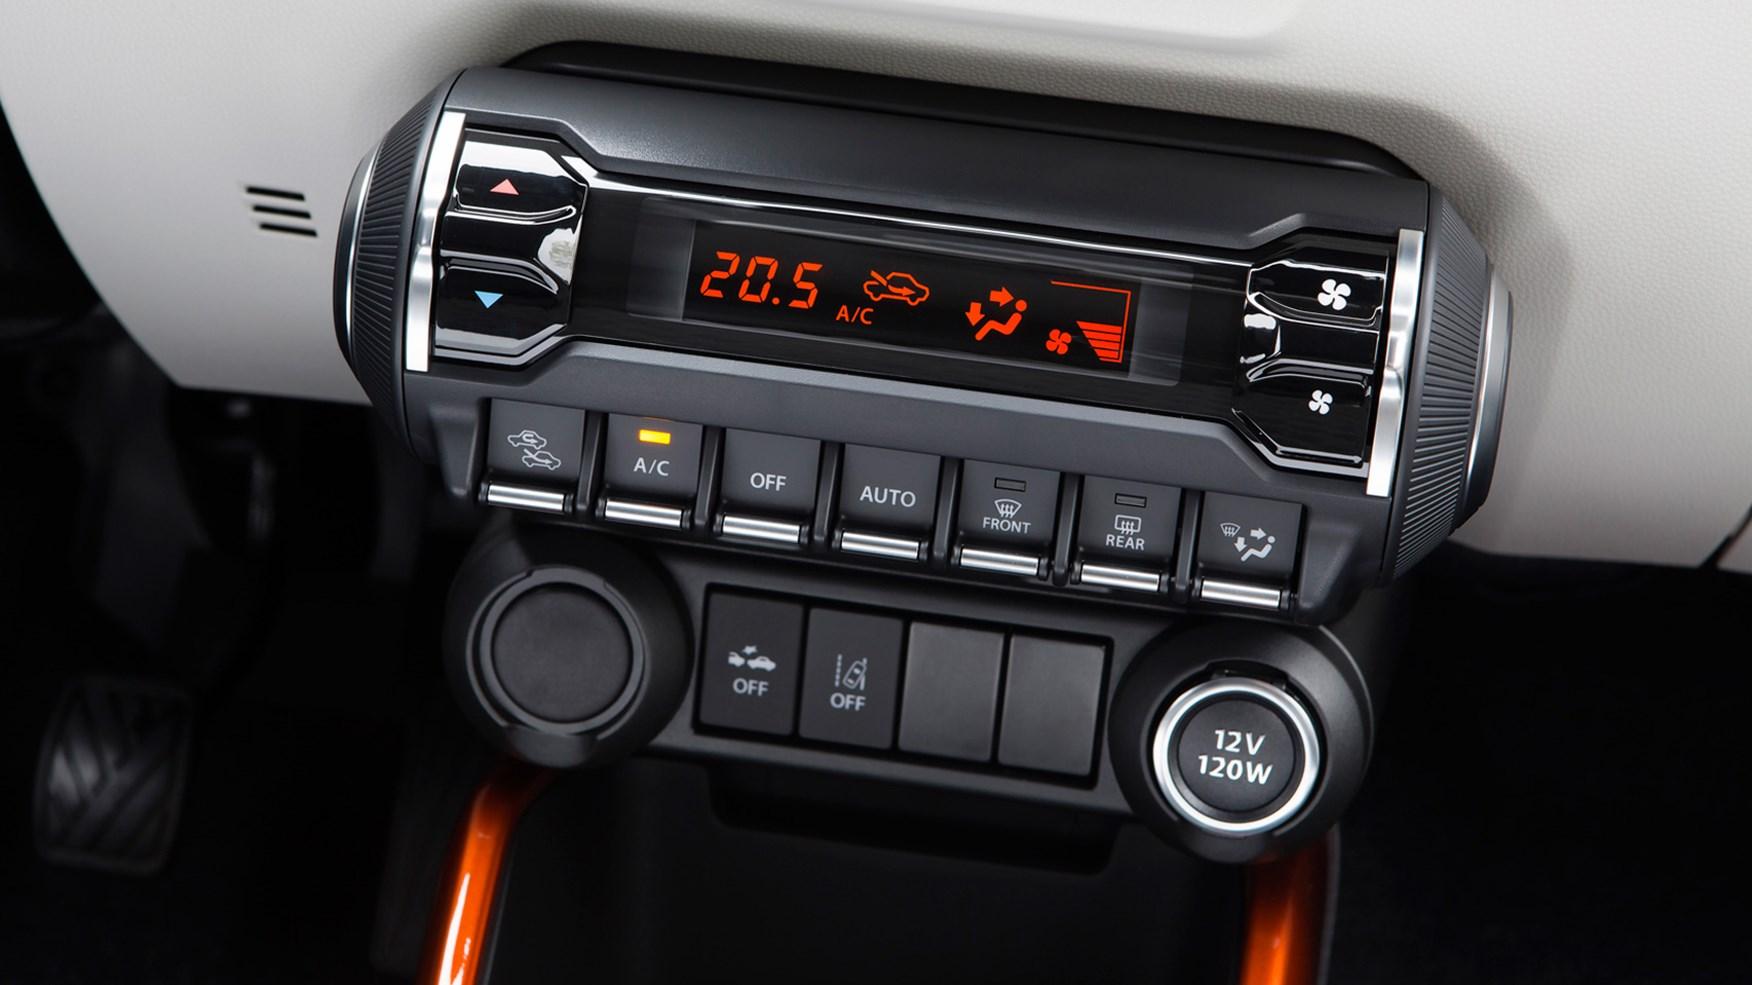 Suzuki Ignis 1.2 Dualjet SZ-T (2017) review by CAR Magazine